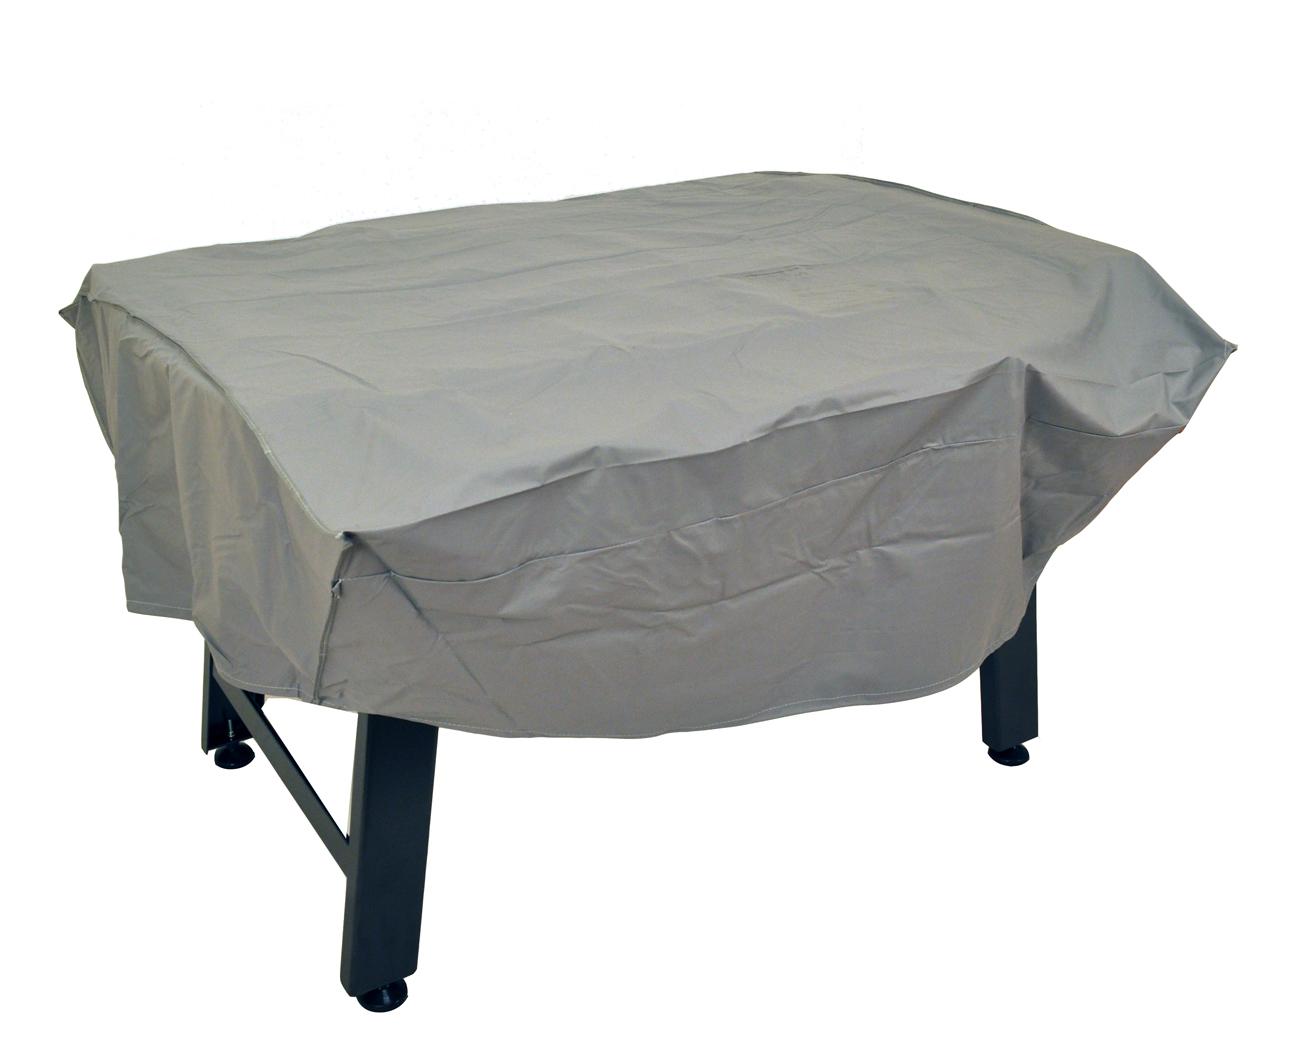 Kettler Montecristo Outdoor Foosball Table Weatherproof